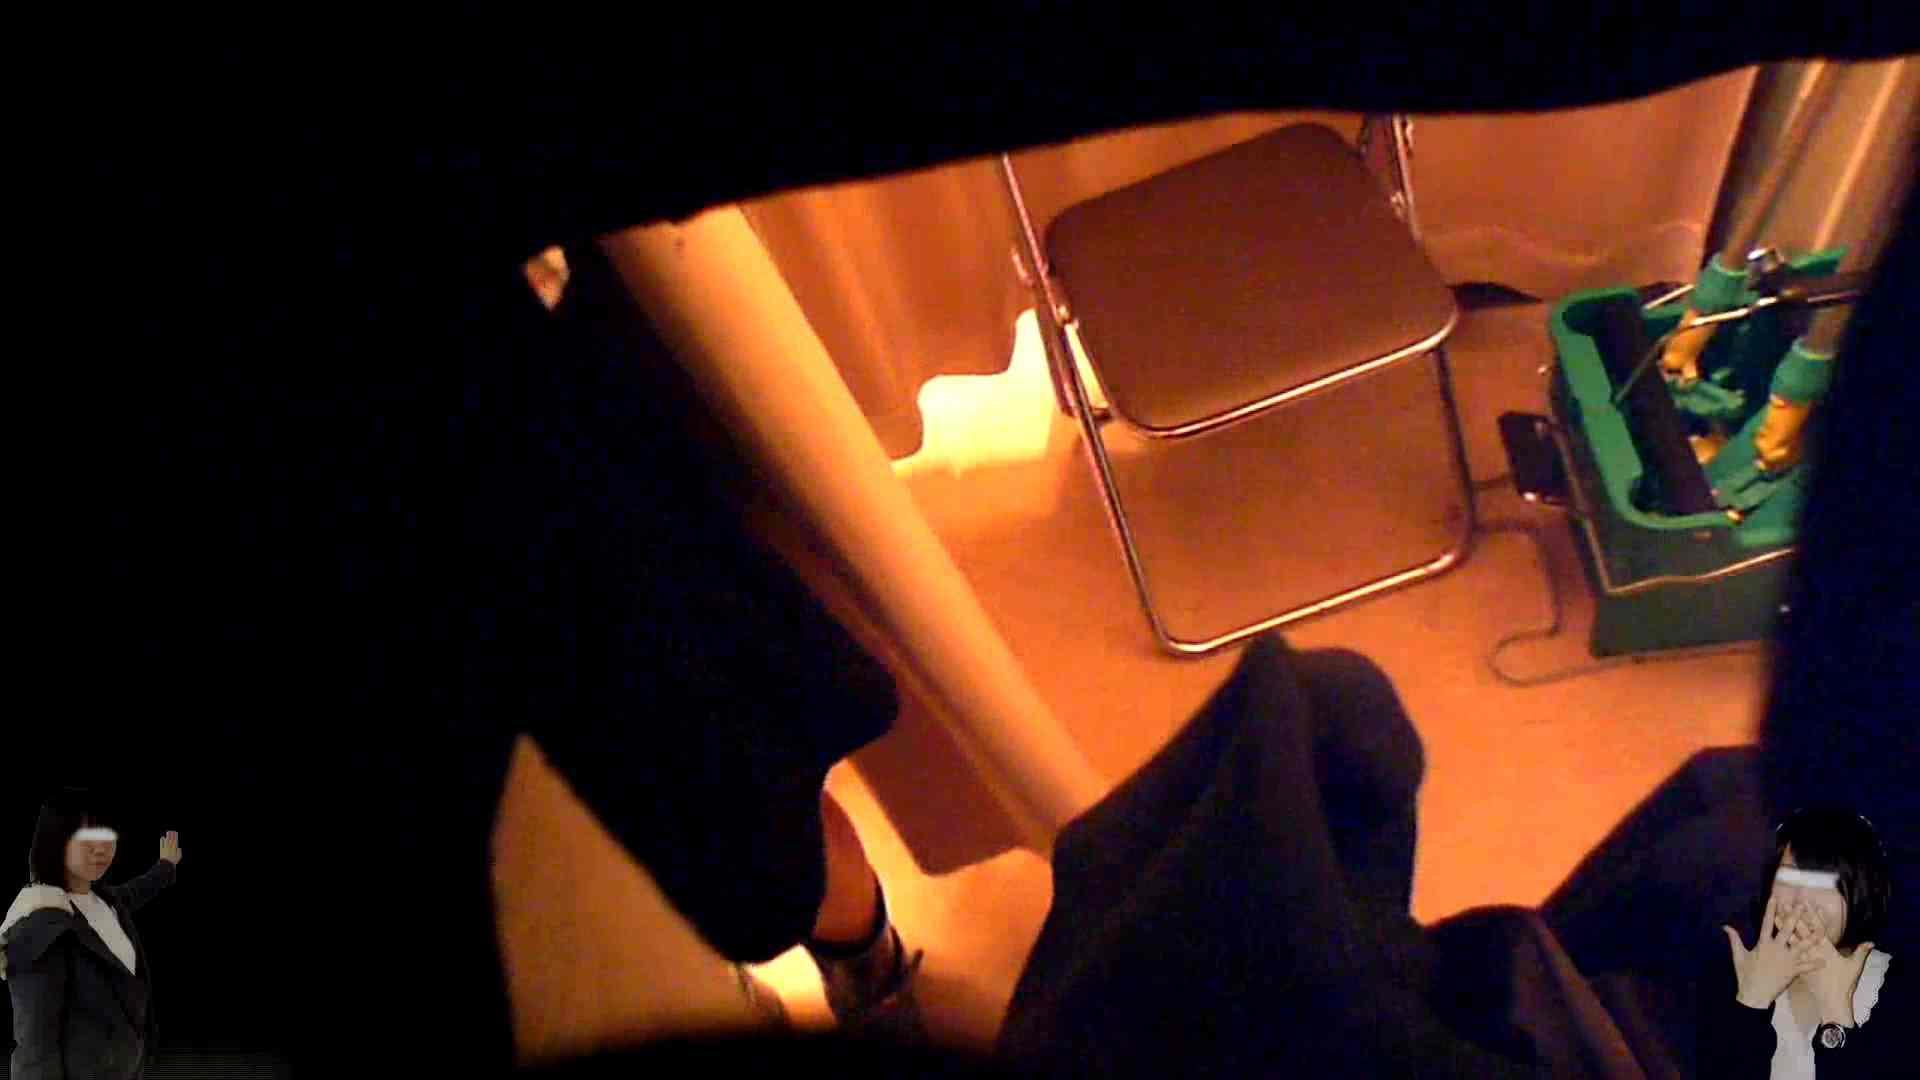 素人投稿 現役「JD」Eちゃんの着替え Vol.04 投稿 セックス画像 99PIX 23